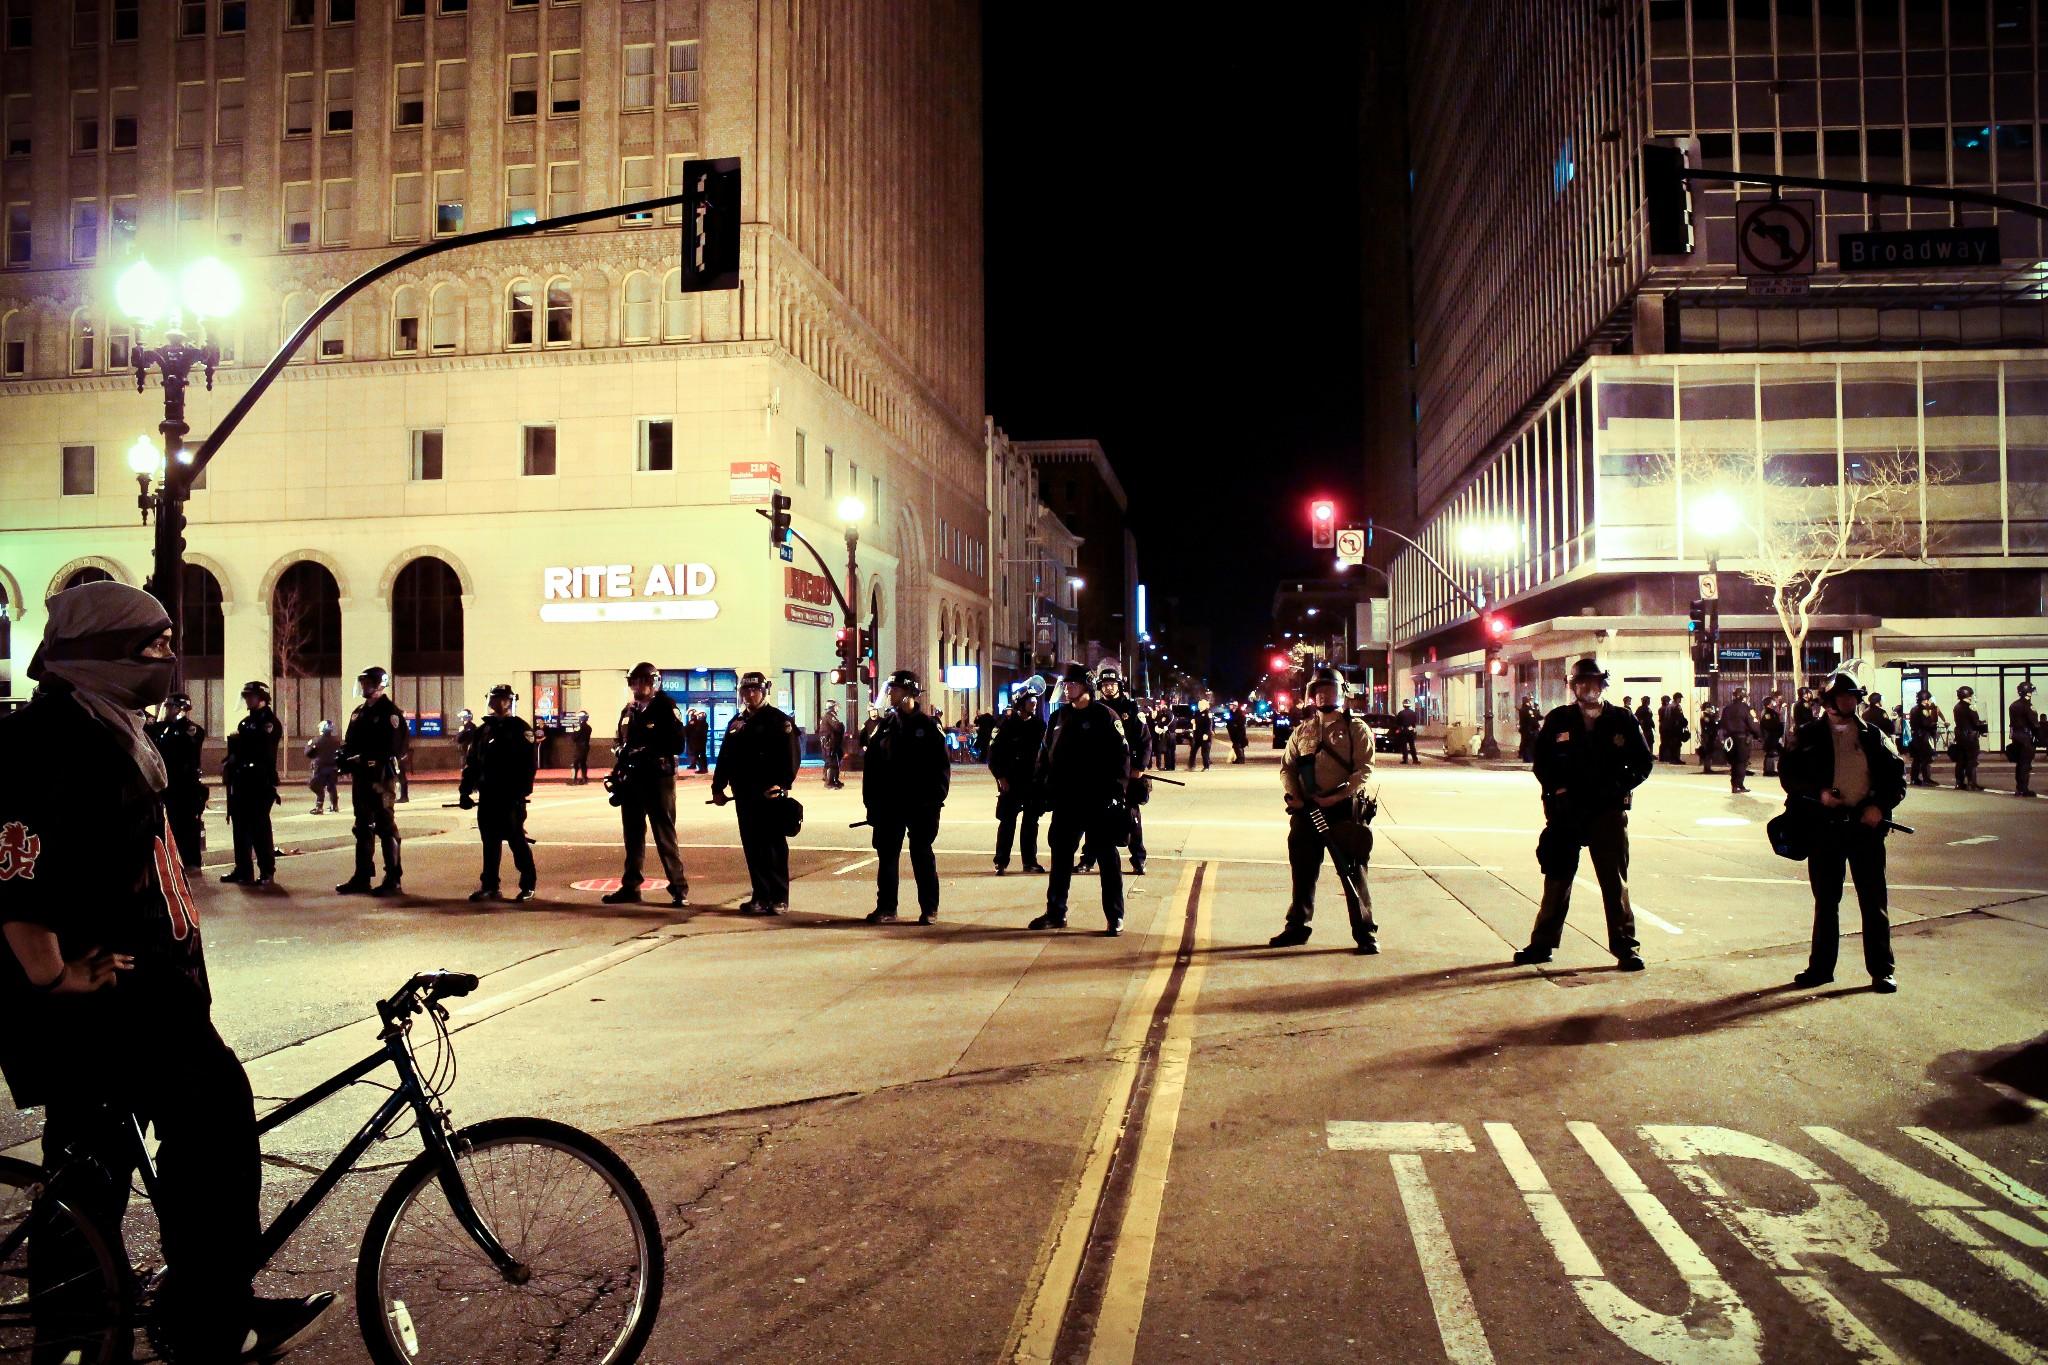 Photo: Occupy Oakland standoff by Joe Sciarrillo